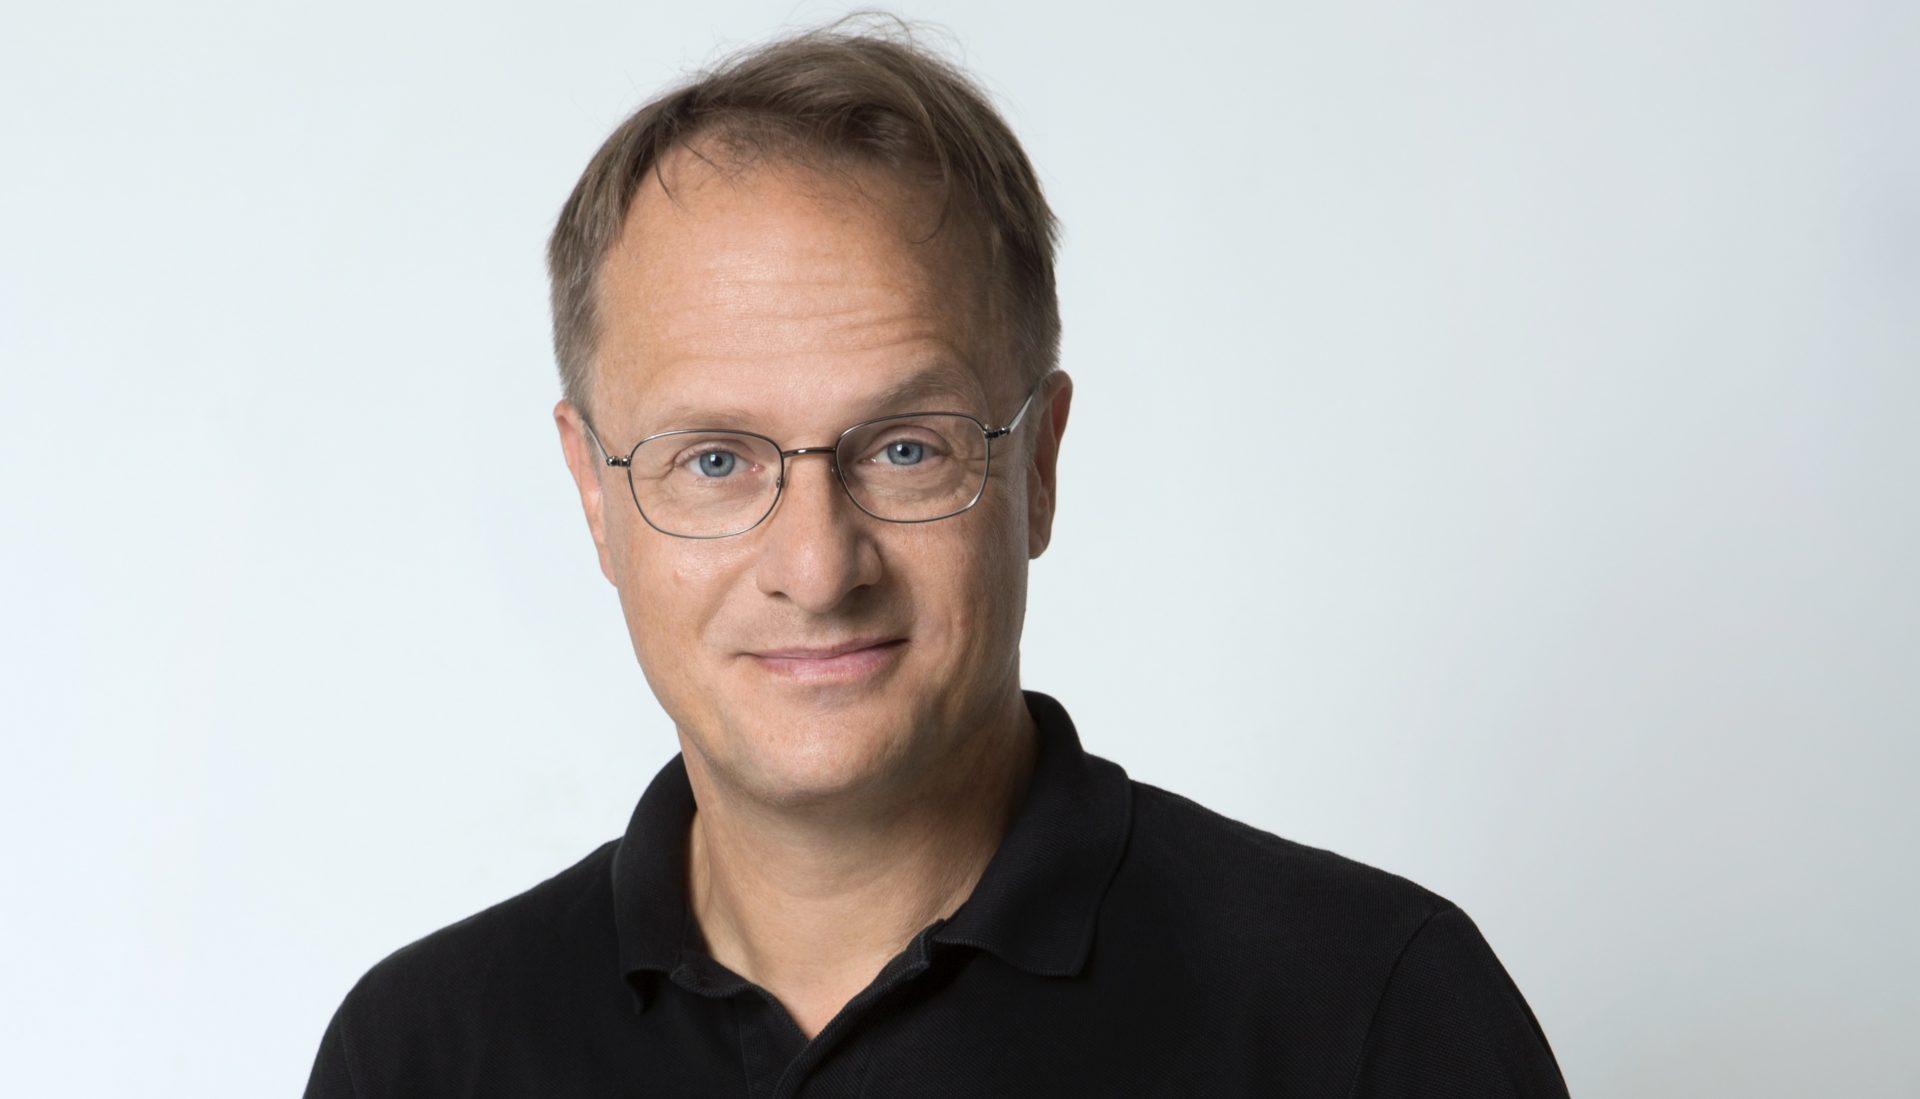 """Markus Hengstschläger: """"Wir haben eine enorme Lösungsbegabung"""""""